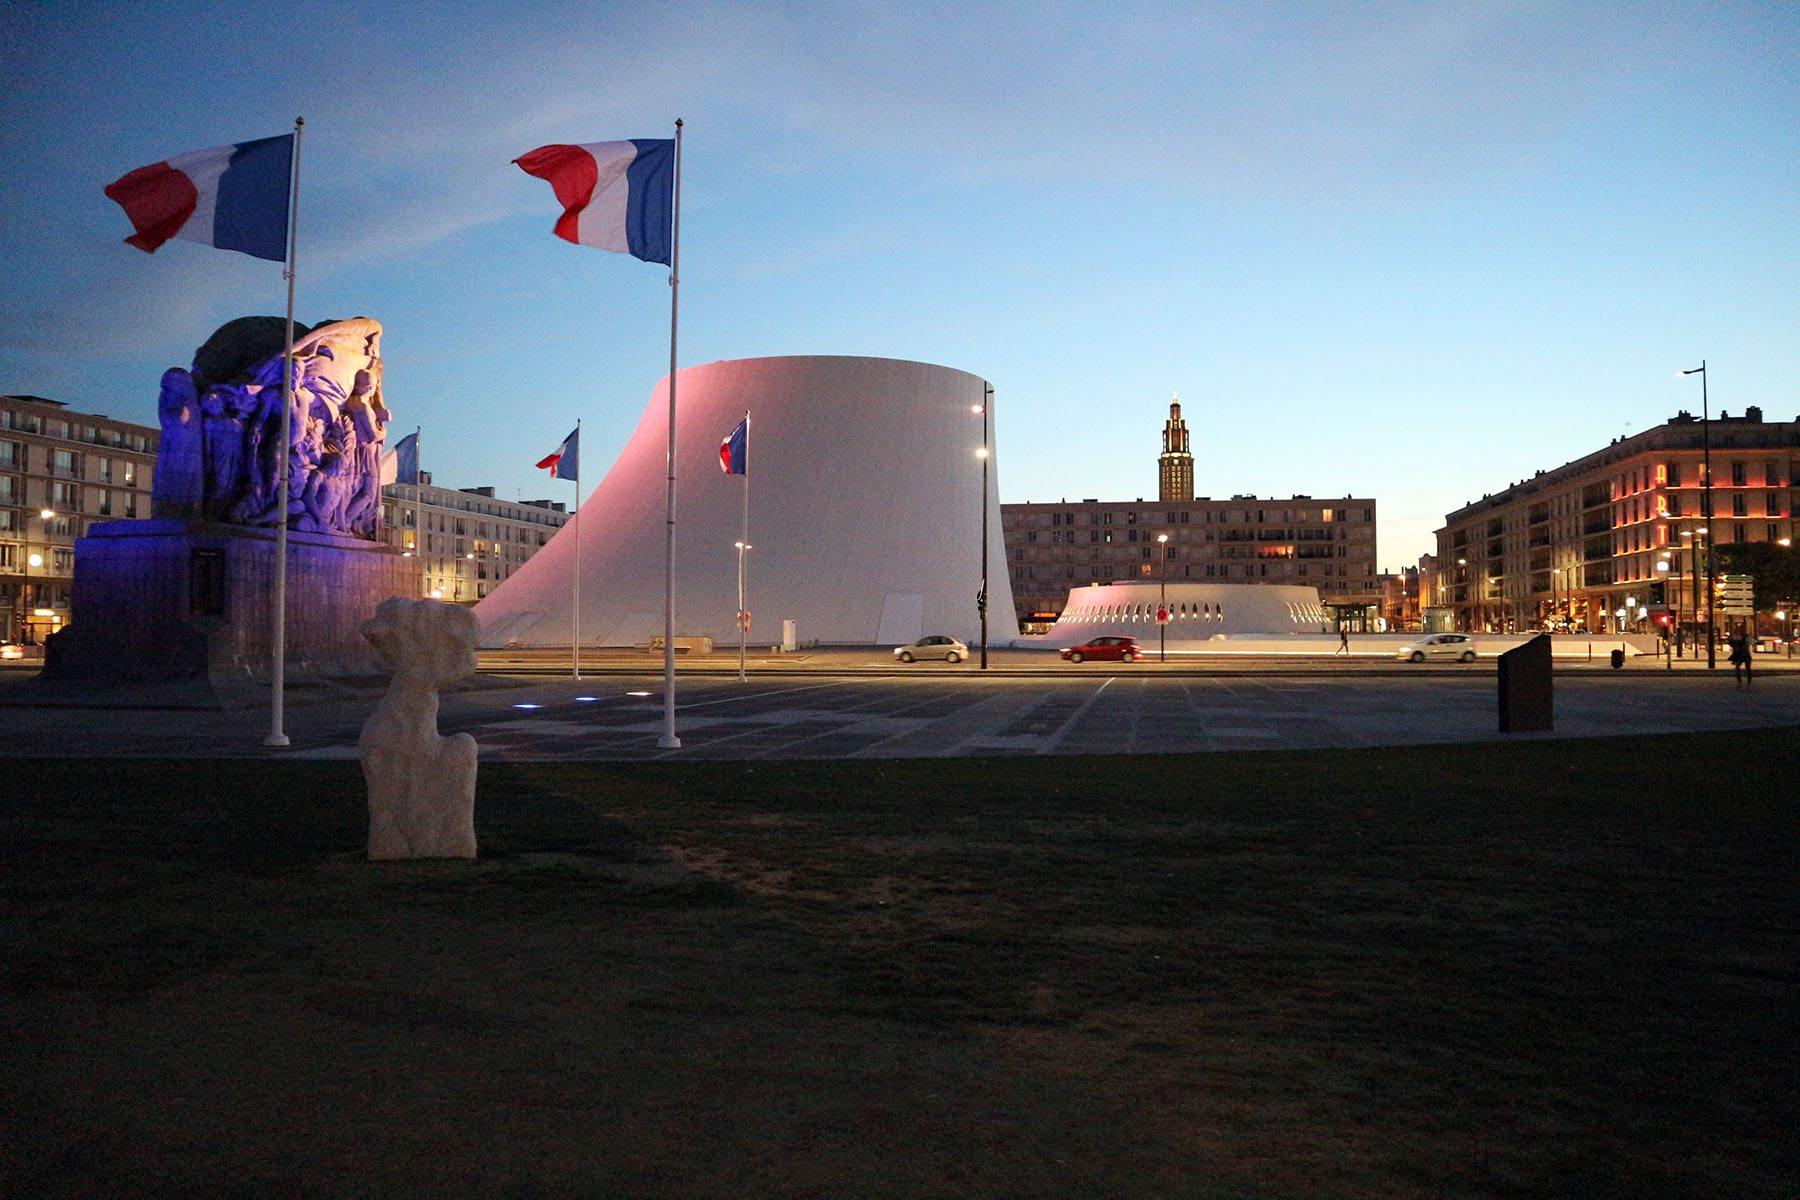 """Le Volcan.  Die Place de l'Hôtel-de-Ville und die Place Niemeyer mit dem Kulturzentrum """"Le Volcan"""" sind die beiden zentralen Plätze der Stadt und zugleich Start- und Angelpunkte aller Parcours im Rahmen der Festivitäten."""